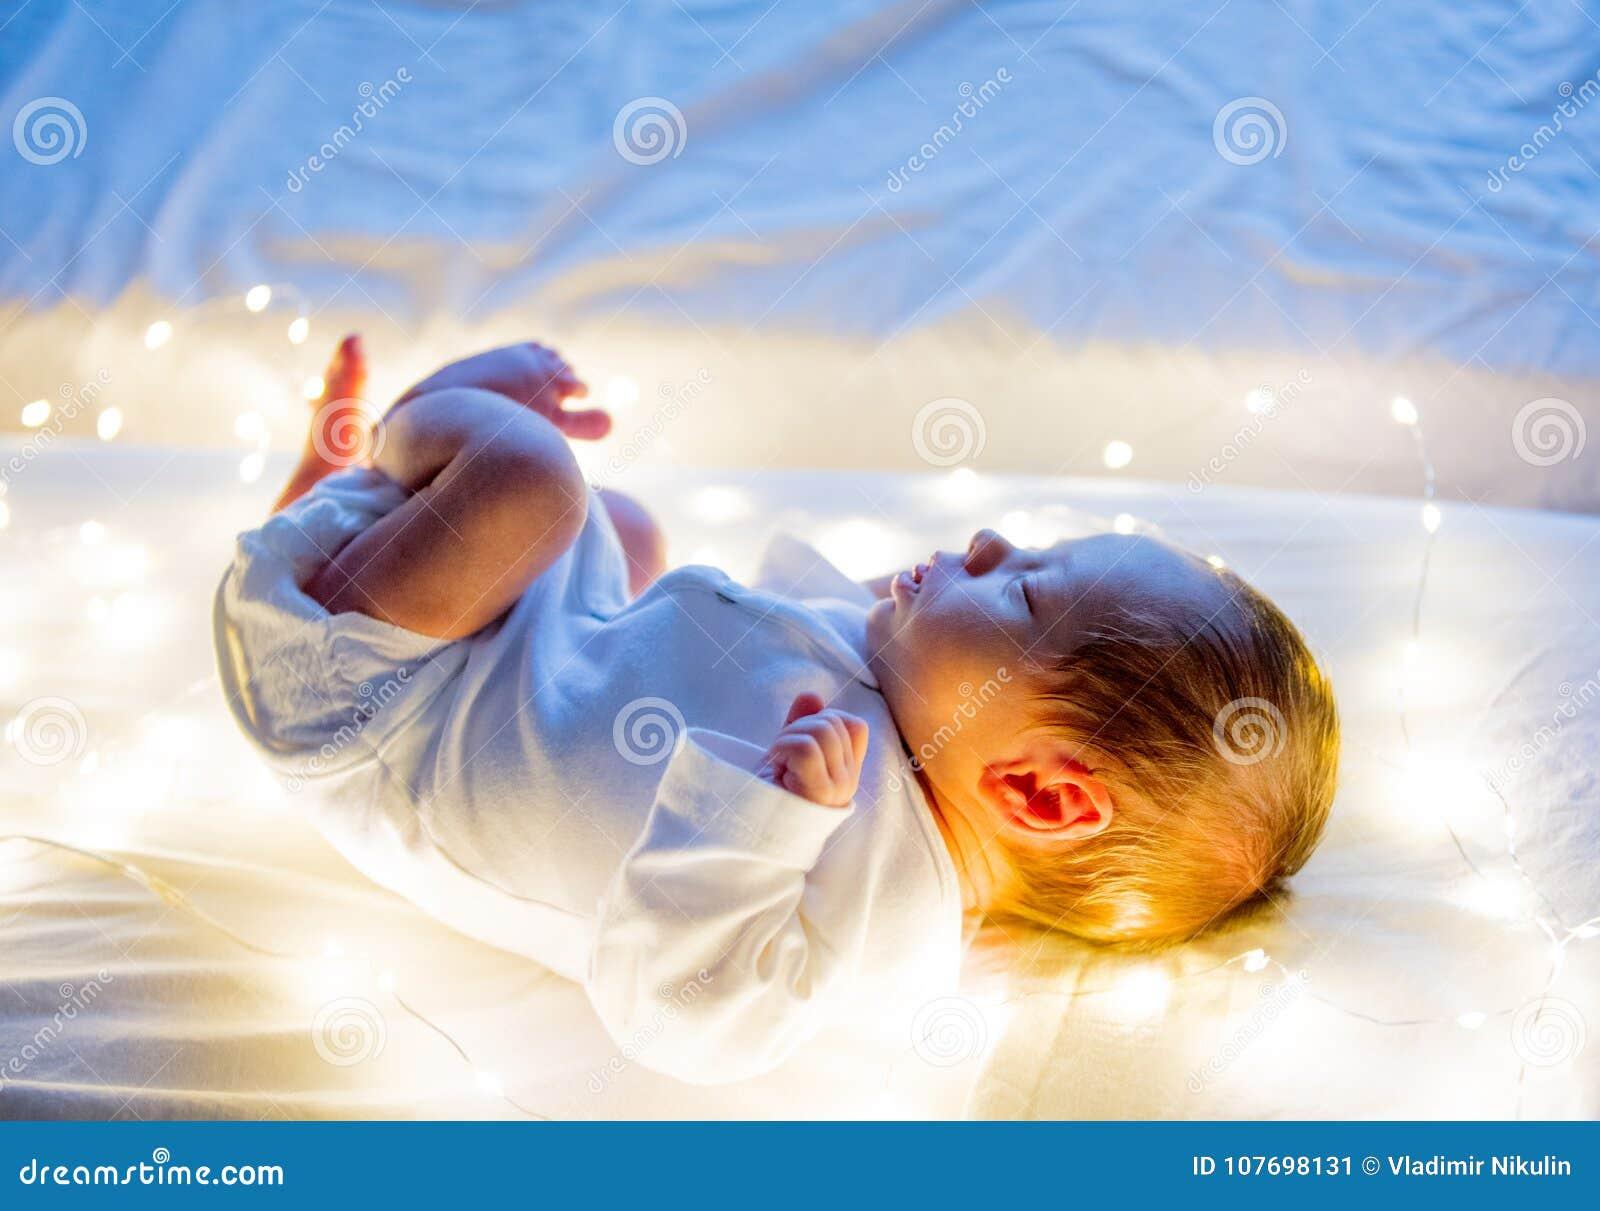 在白色床上的小婴儿